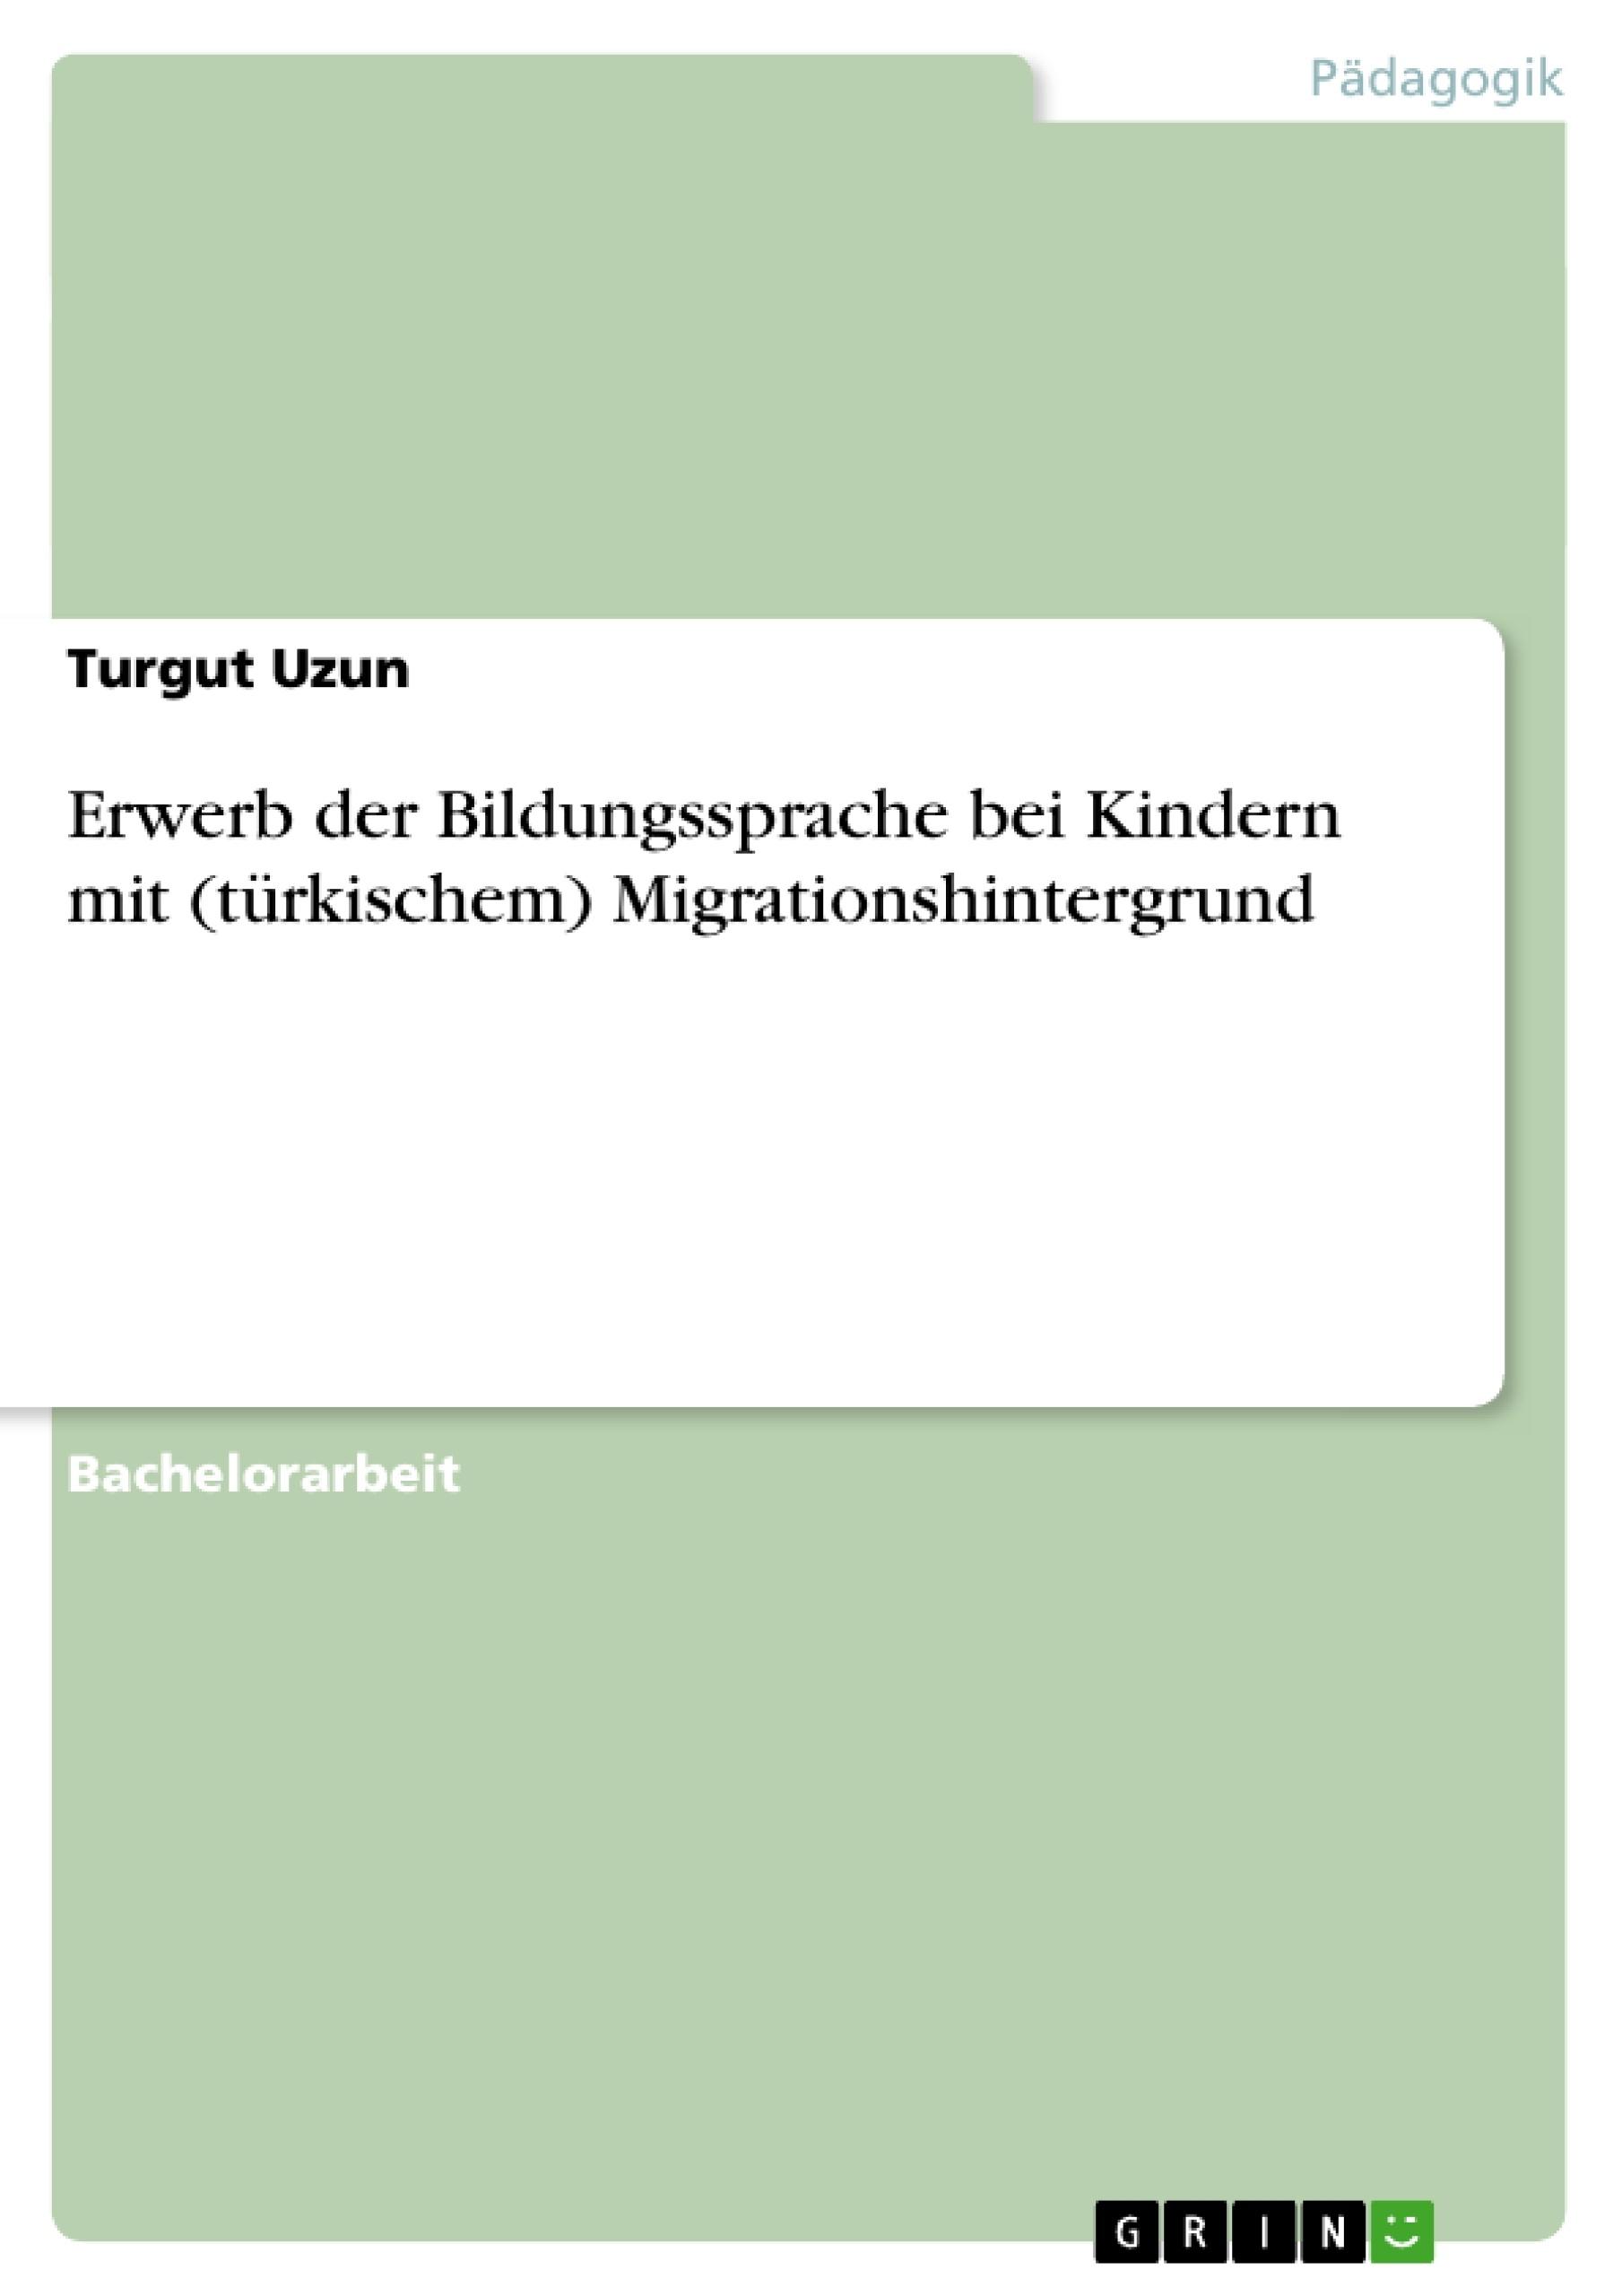 Titel: Erwerb der Bildungssprache bei Kindern mit (türkischem) Migrationshintergrund